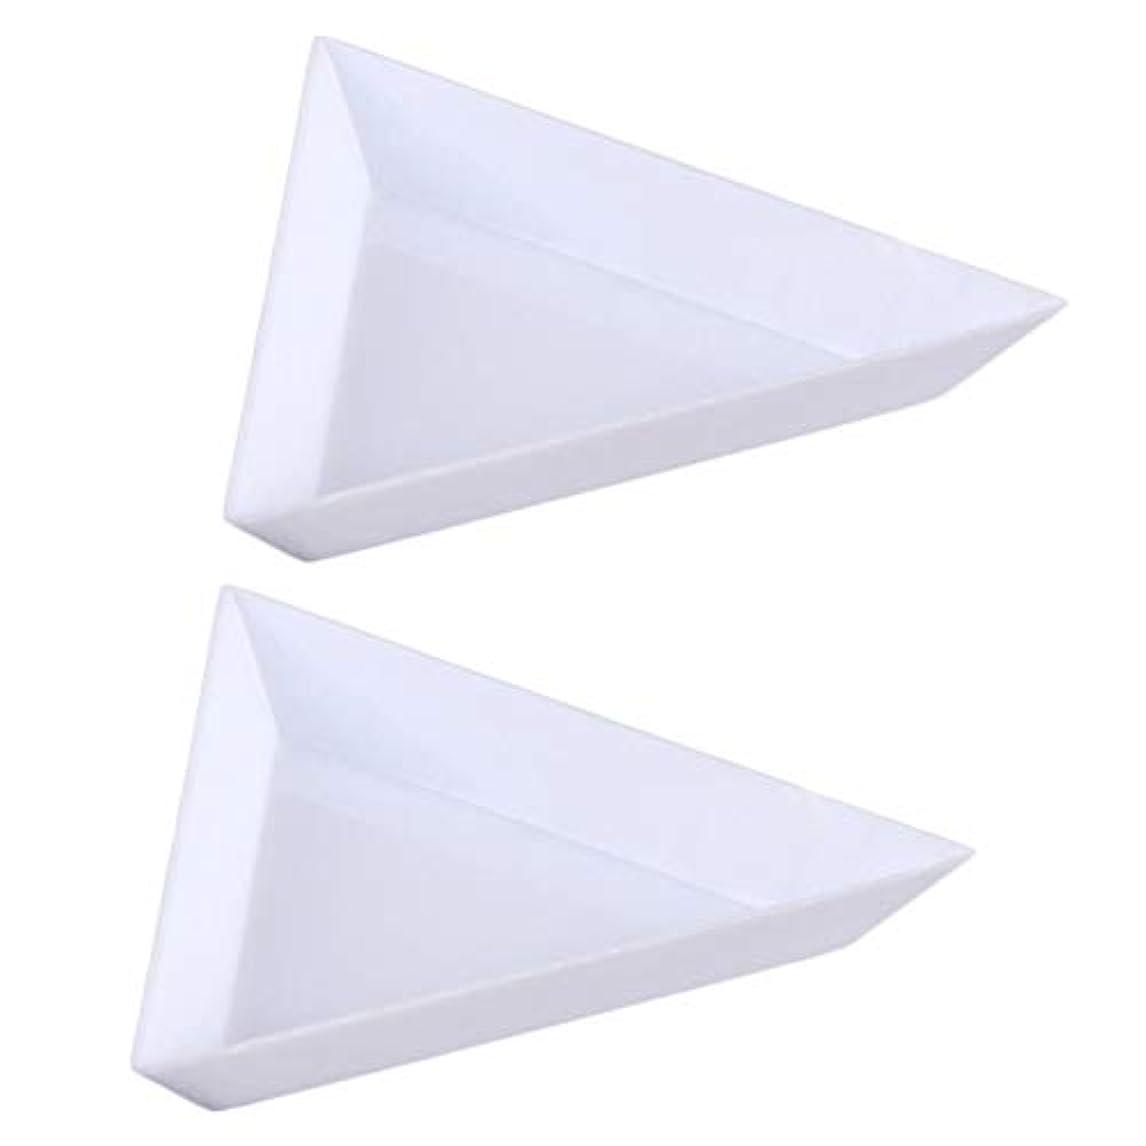 抱擁肉屋郊外CUHAWUDBA 10個三角コーナープラスチックラインストーンビーズ 結晶 ネイルアートソーティングトレイアクセサリー白 DiyネイルアートデコレーションDotting収納トレイ オーガニゼーションに最適